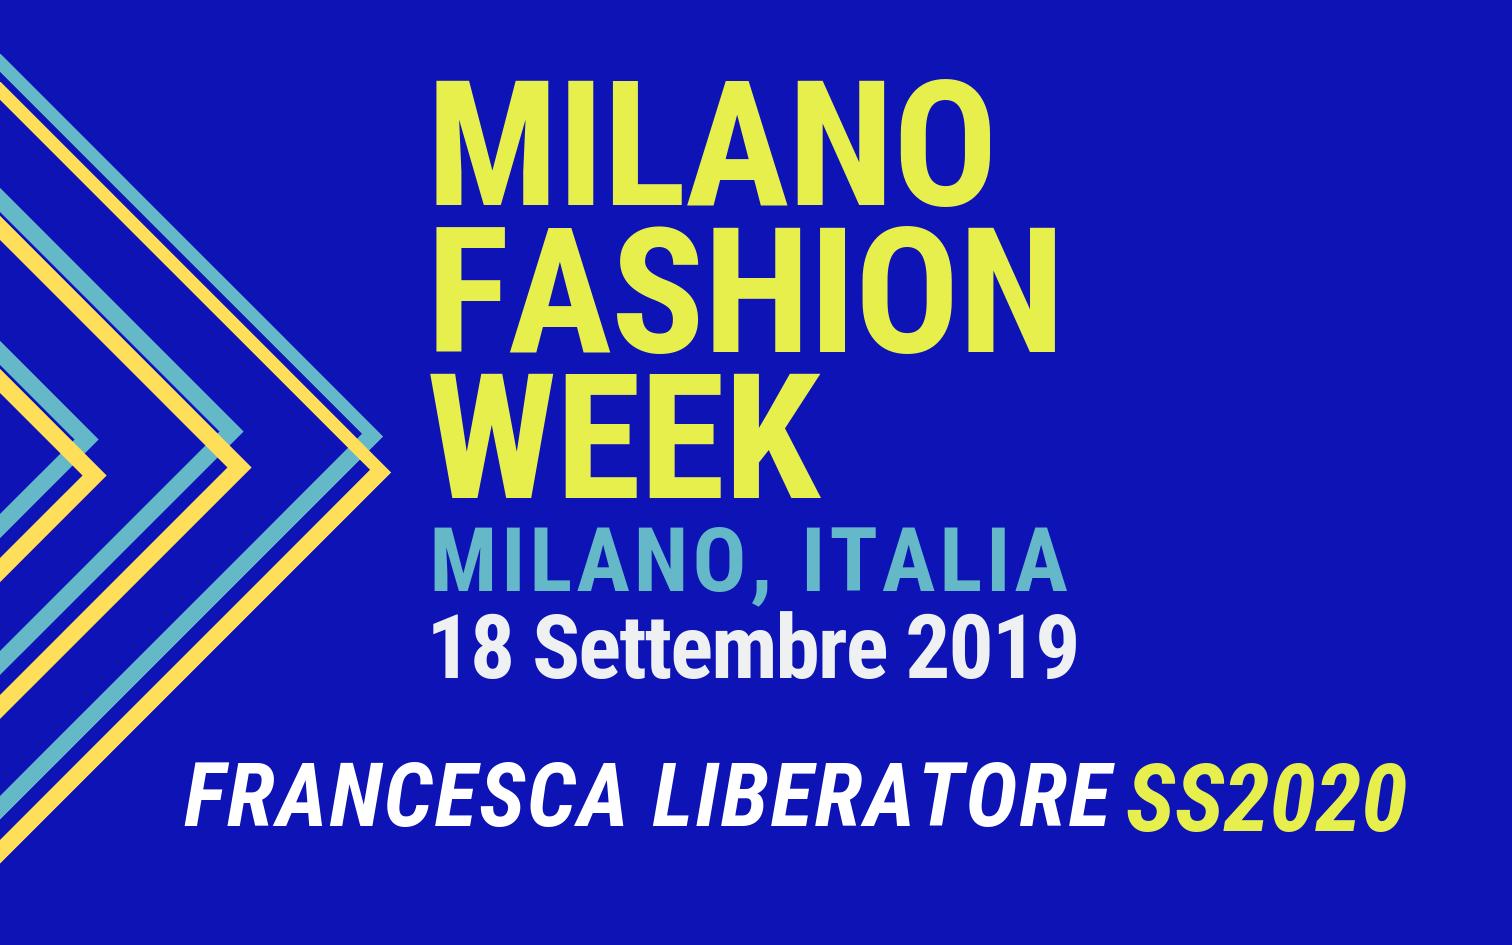 MILANO FASHION WEEK 2019: UNIDO ITPO Italy partecipa alla sfilata 'unconventional' di Francesca Liberatore